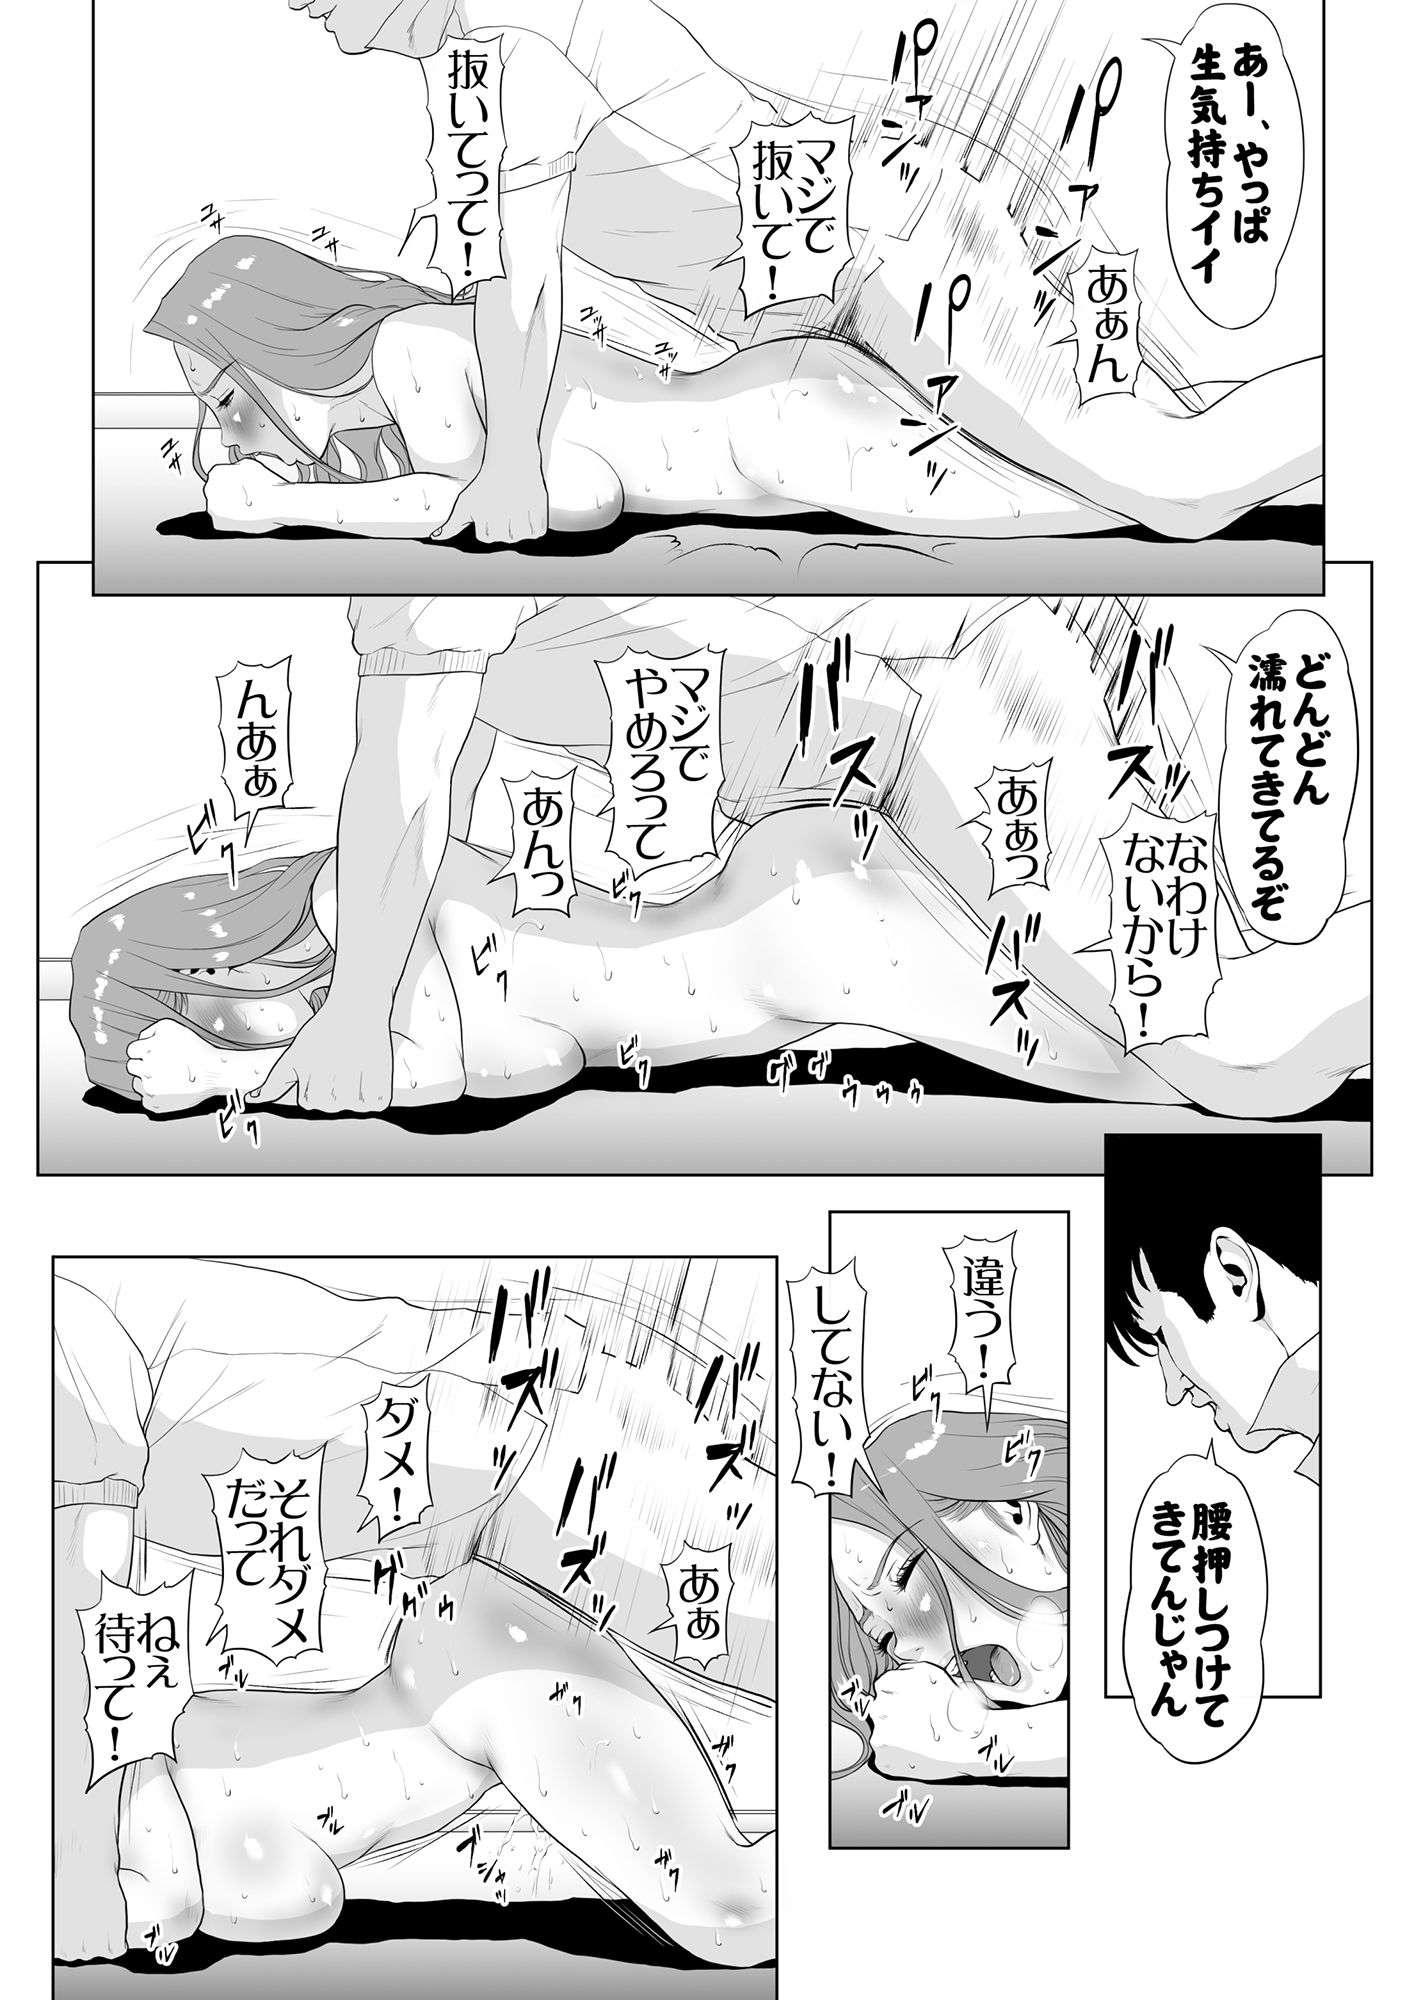 イキ癖をつけられた元ヤン妻【作者:Wの本能】【7】